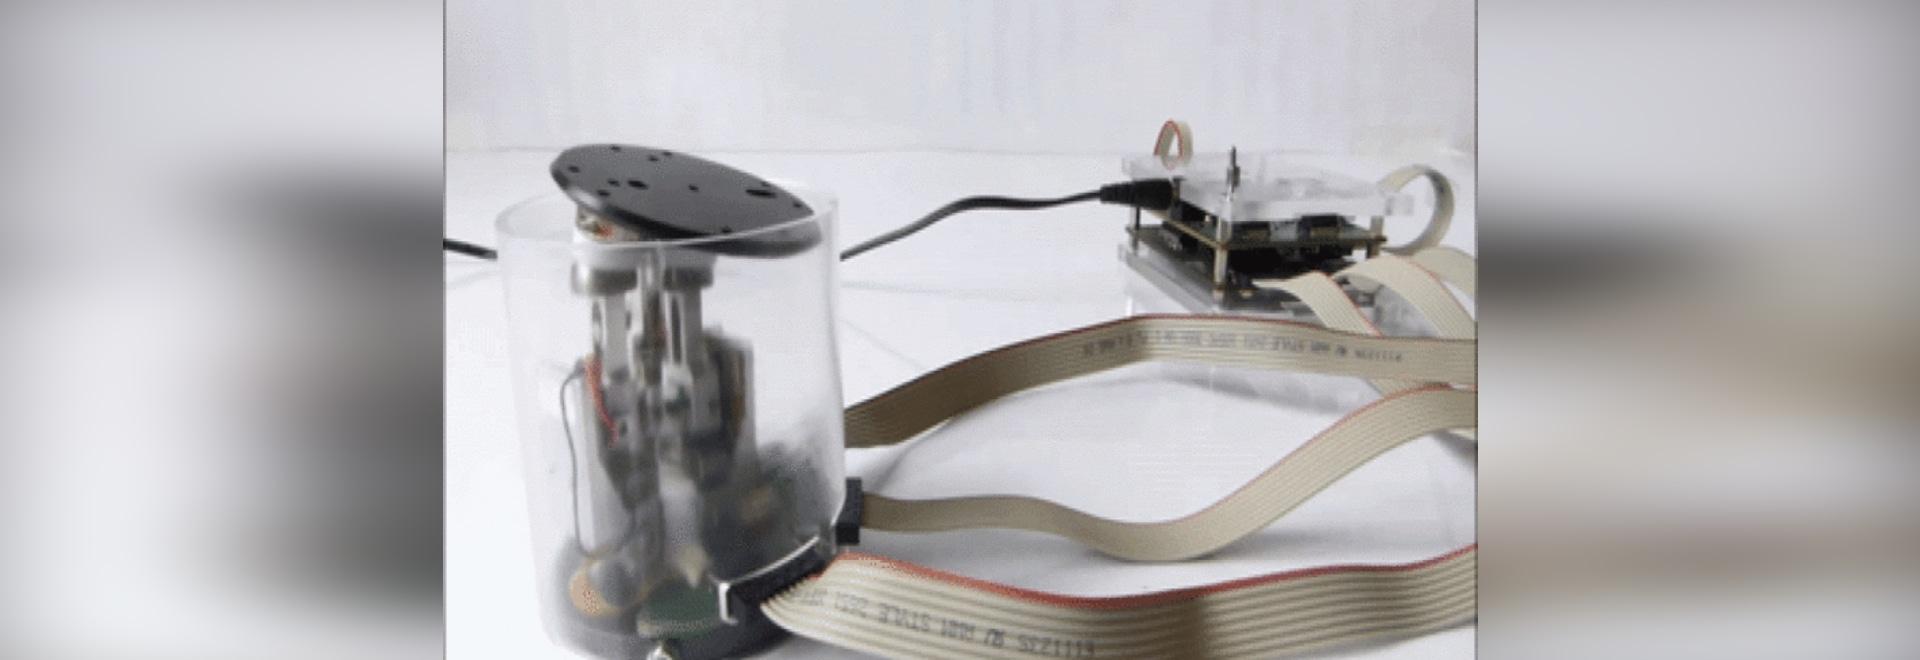 TrAC : Un déclencheur piézo-électrique pour l'espace extra-atmosphérique et les robots micro